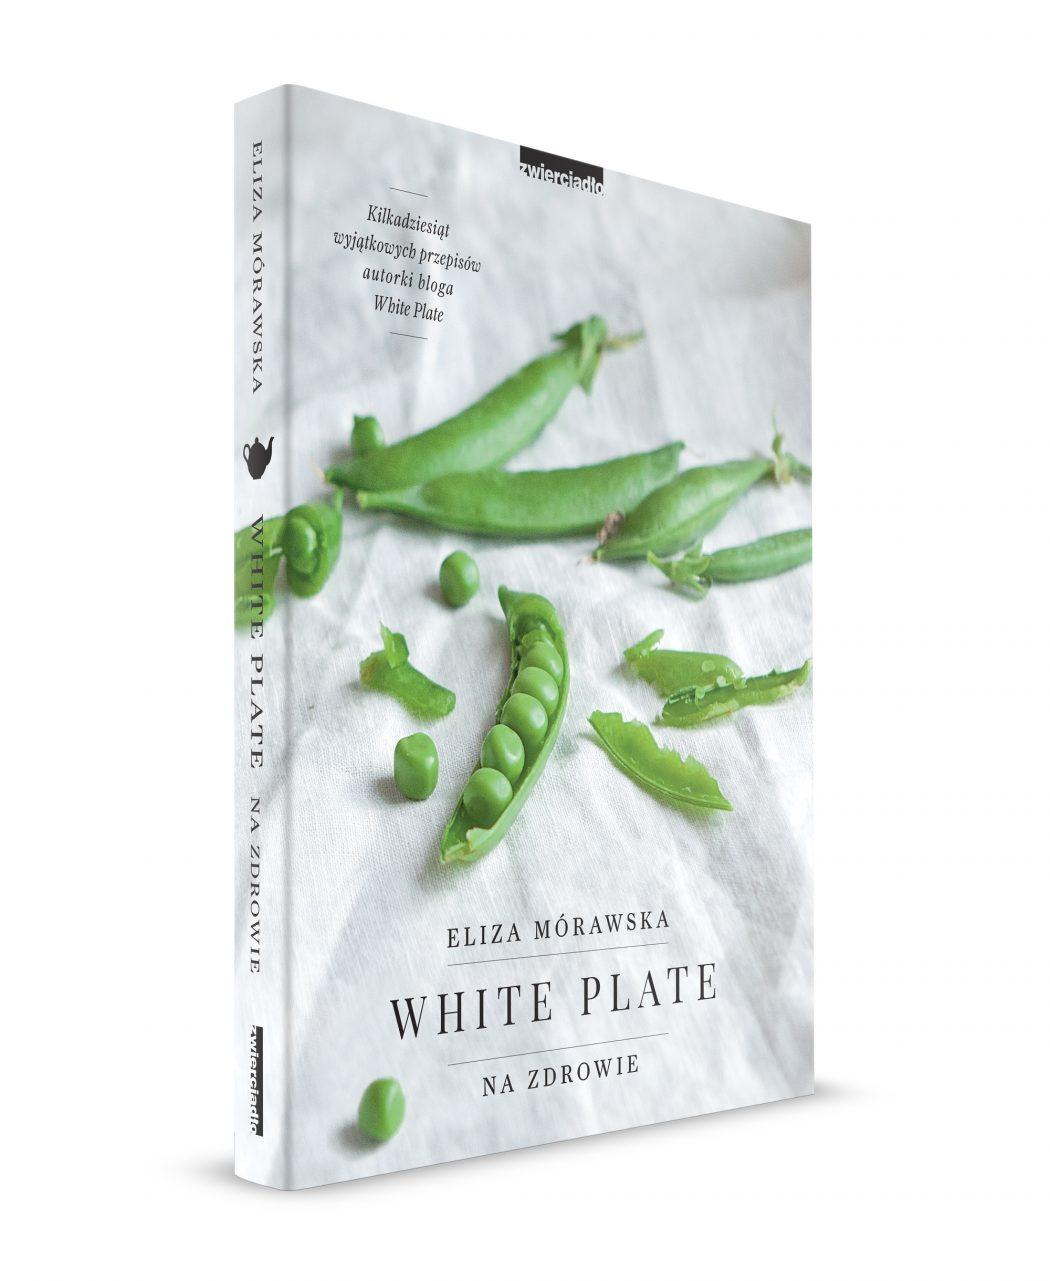 magazynkobiet.pl - morawska softcover 1050x1281 - White Plate, czyli wszystko, co możesz jeść na zdrowie